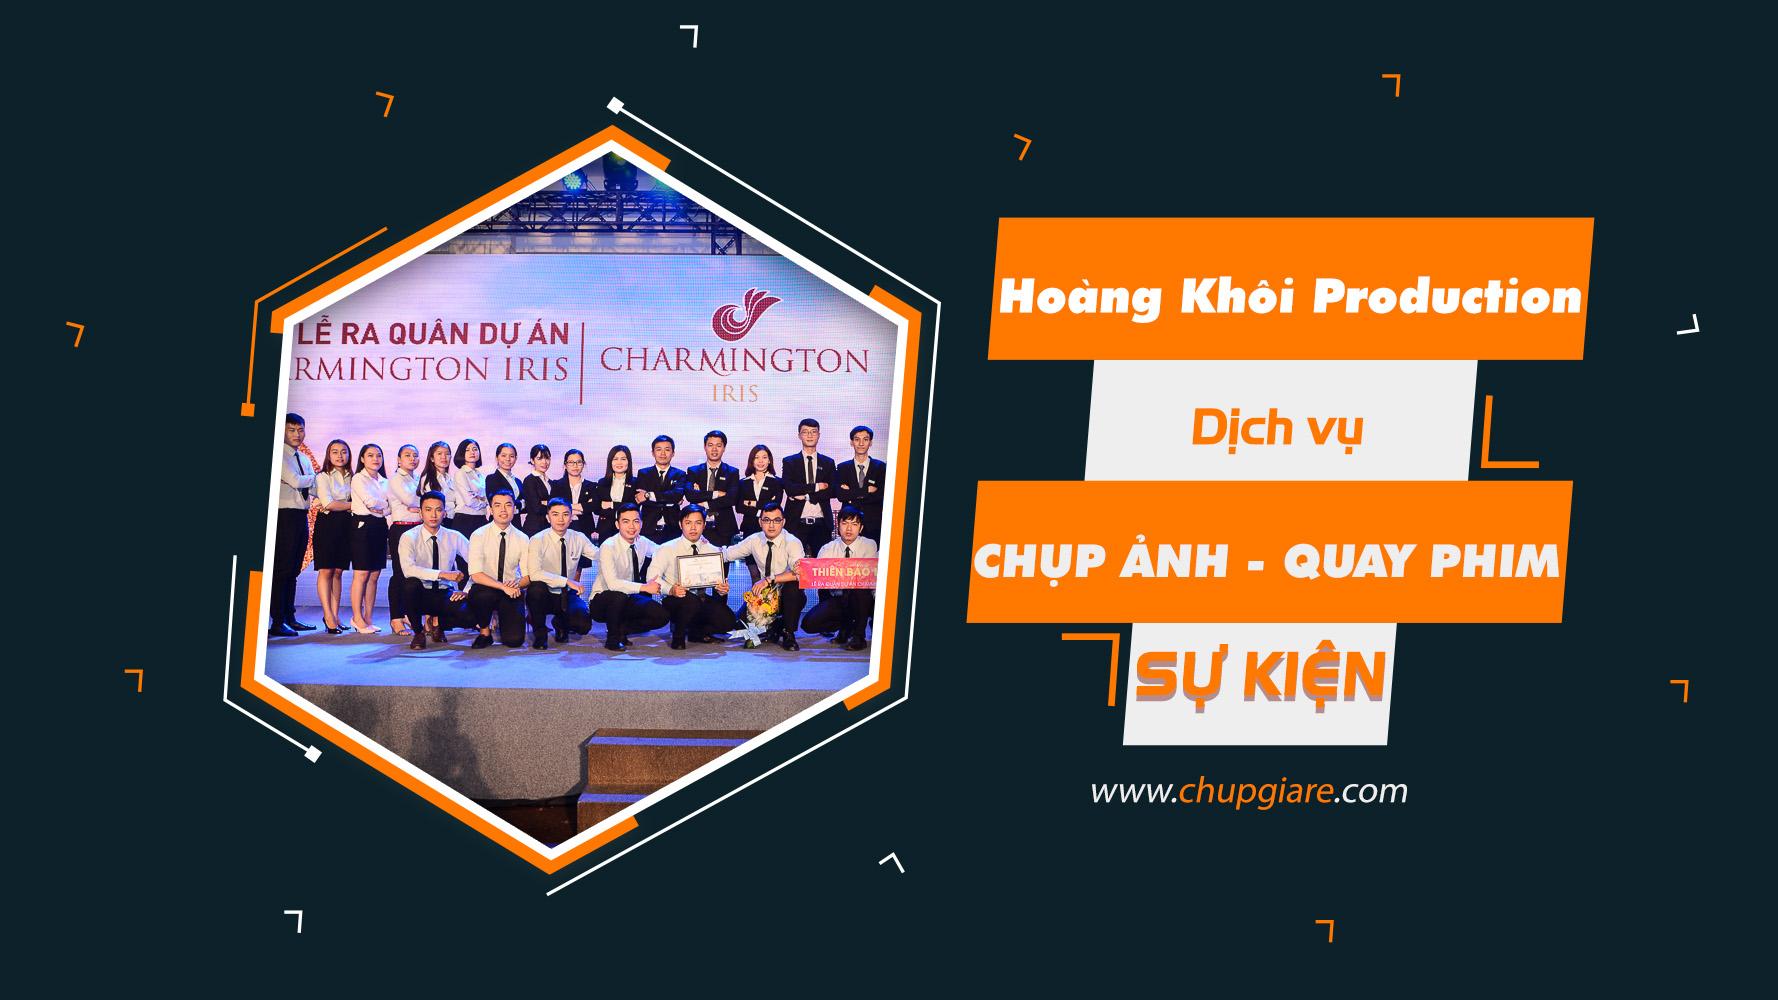 Banner chụp hình quay phim sự kiện Hoàng Khôi Production